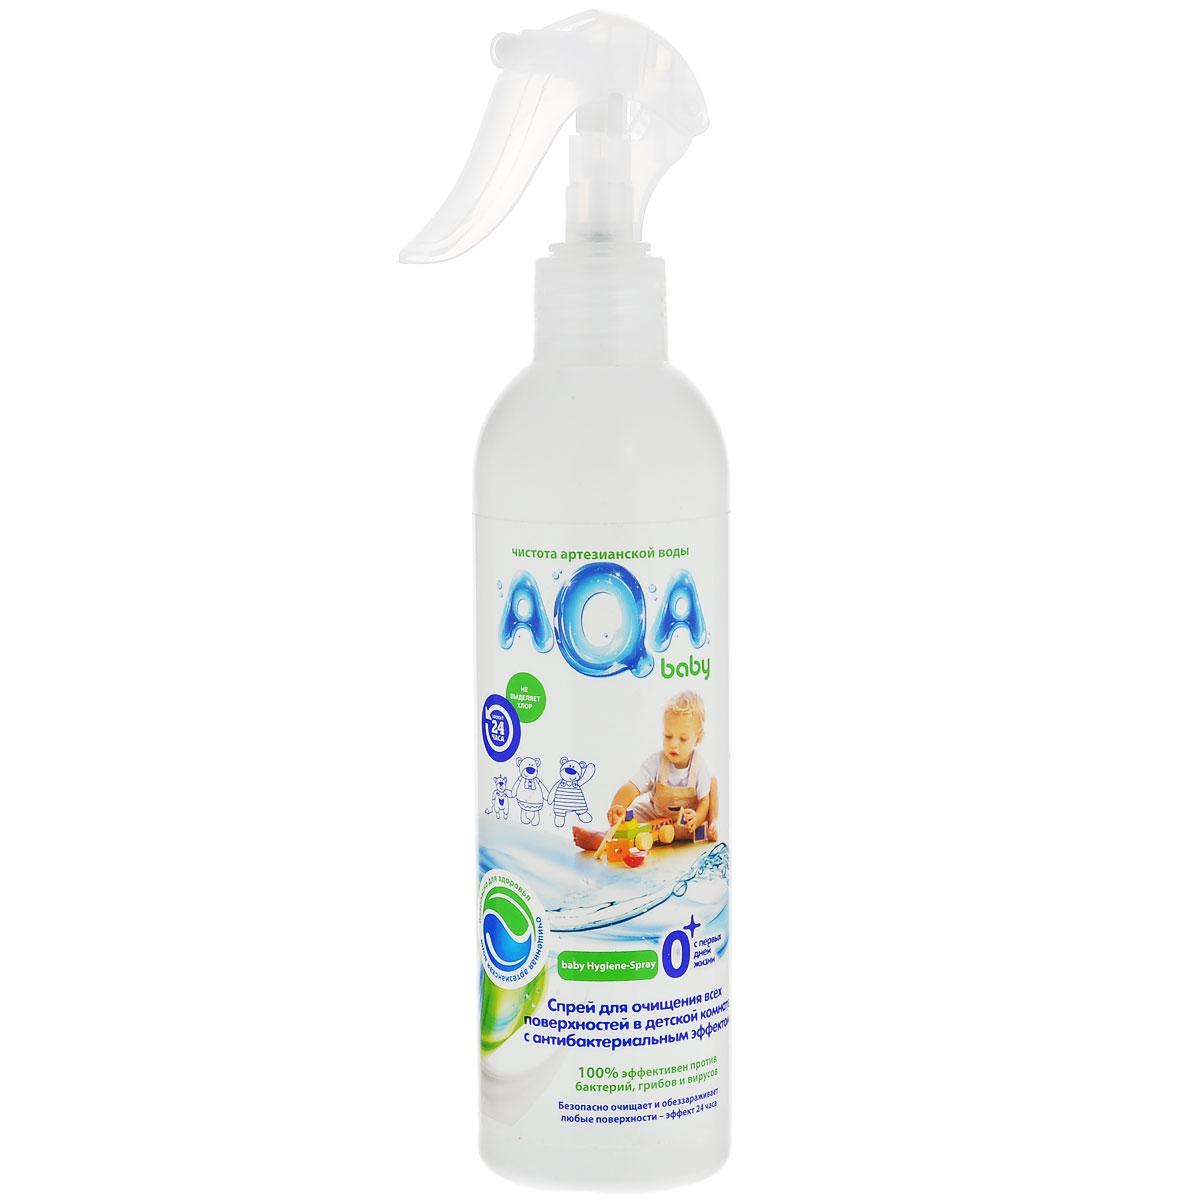 AQA Baby Антибактериальный спрей для очищения всех поверхностей в детской комнате, 300 мл